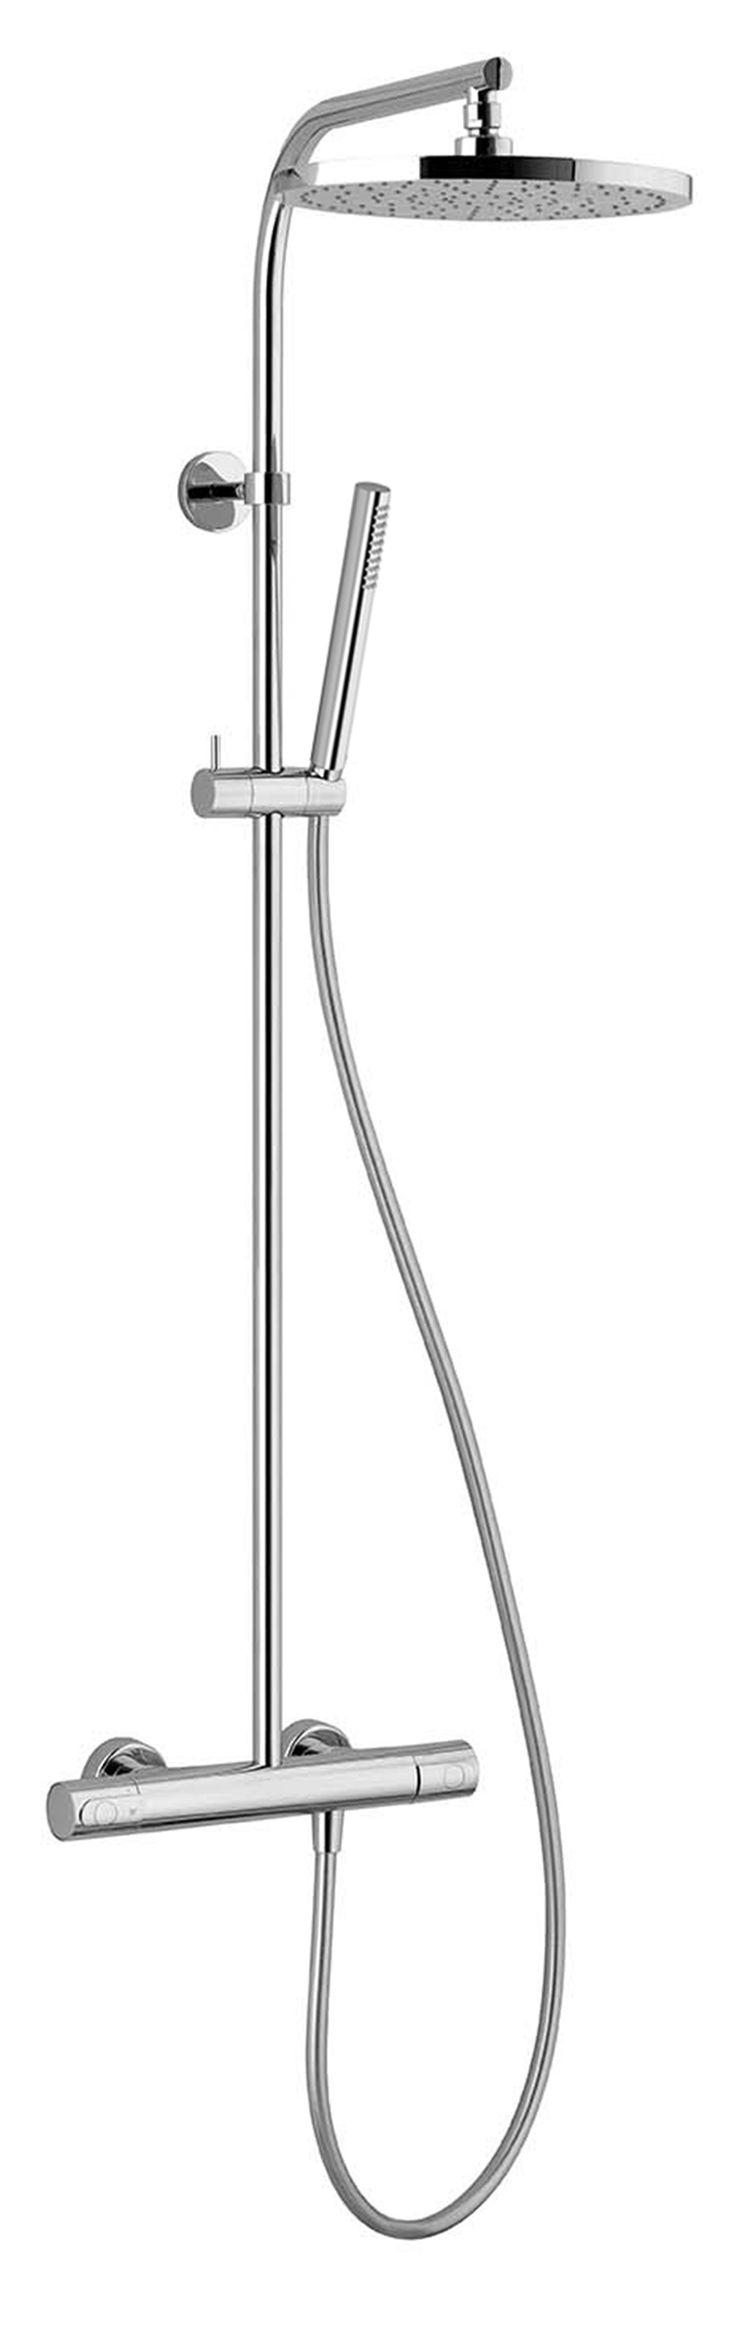 #Fantini #Lamè Aufputz-Thermostatbrausemischer 8092 | im Angebot auf #bad39.de 828 Euro/Stk. | #Armaturen #Modern #Bad #Badezimmer #Einrichtung #Ideen #Italien